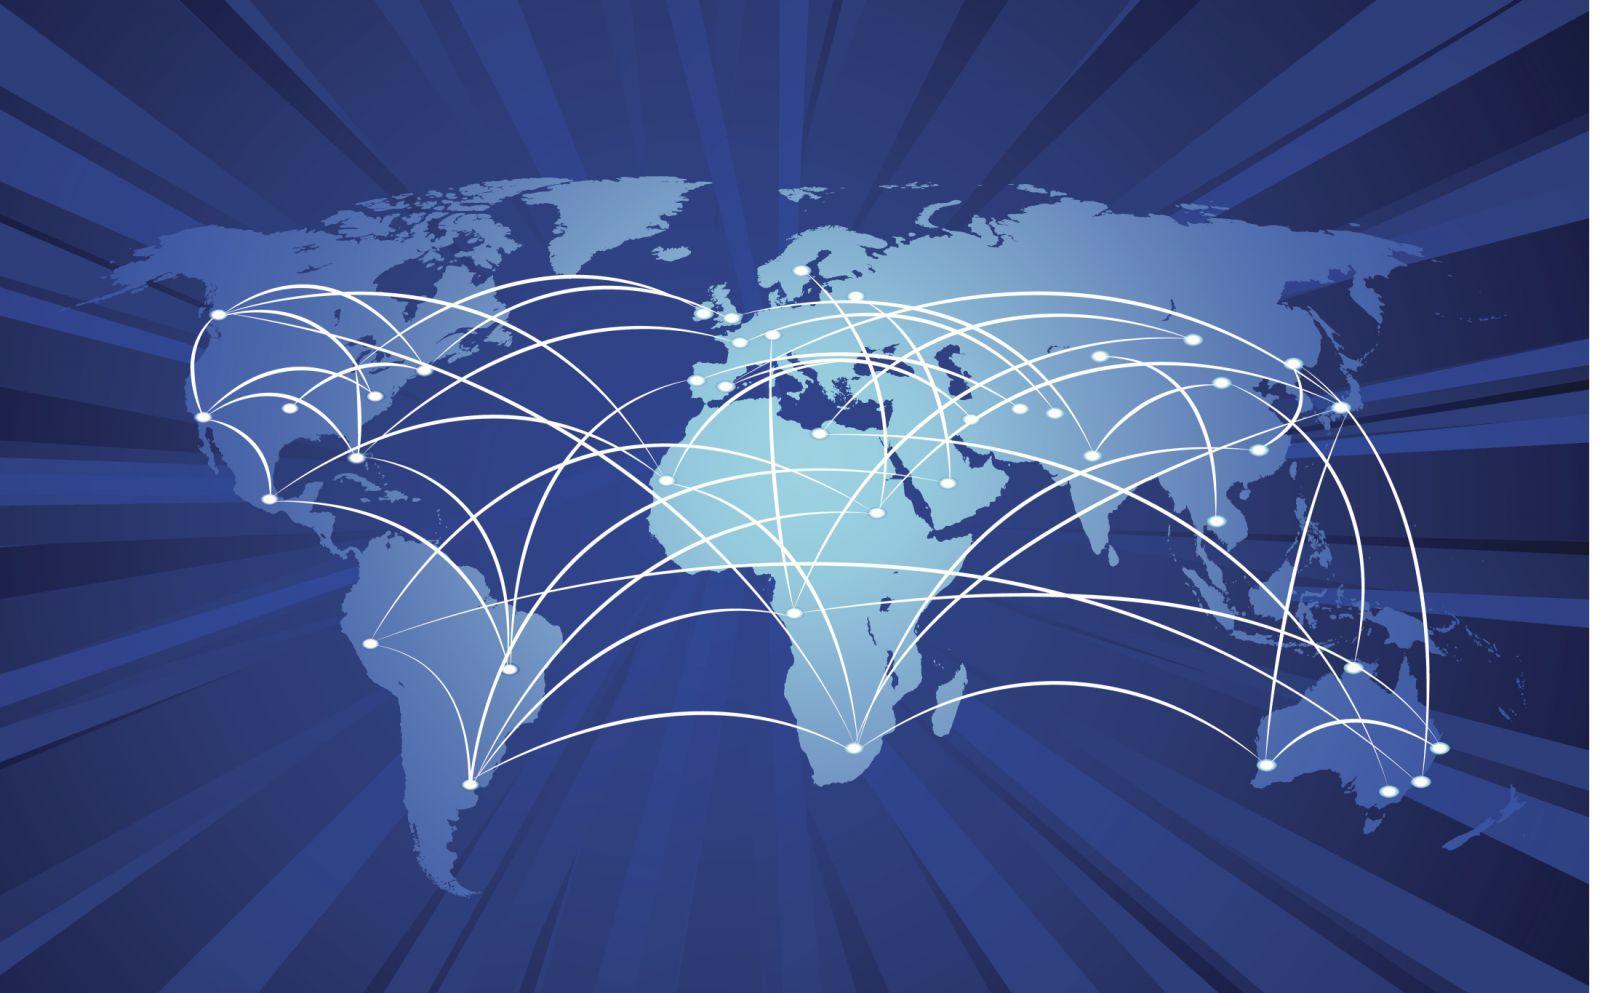 Định nghĩa về Network cho người mới